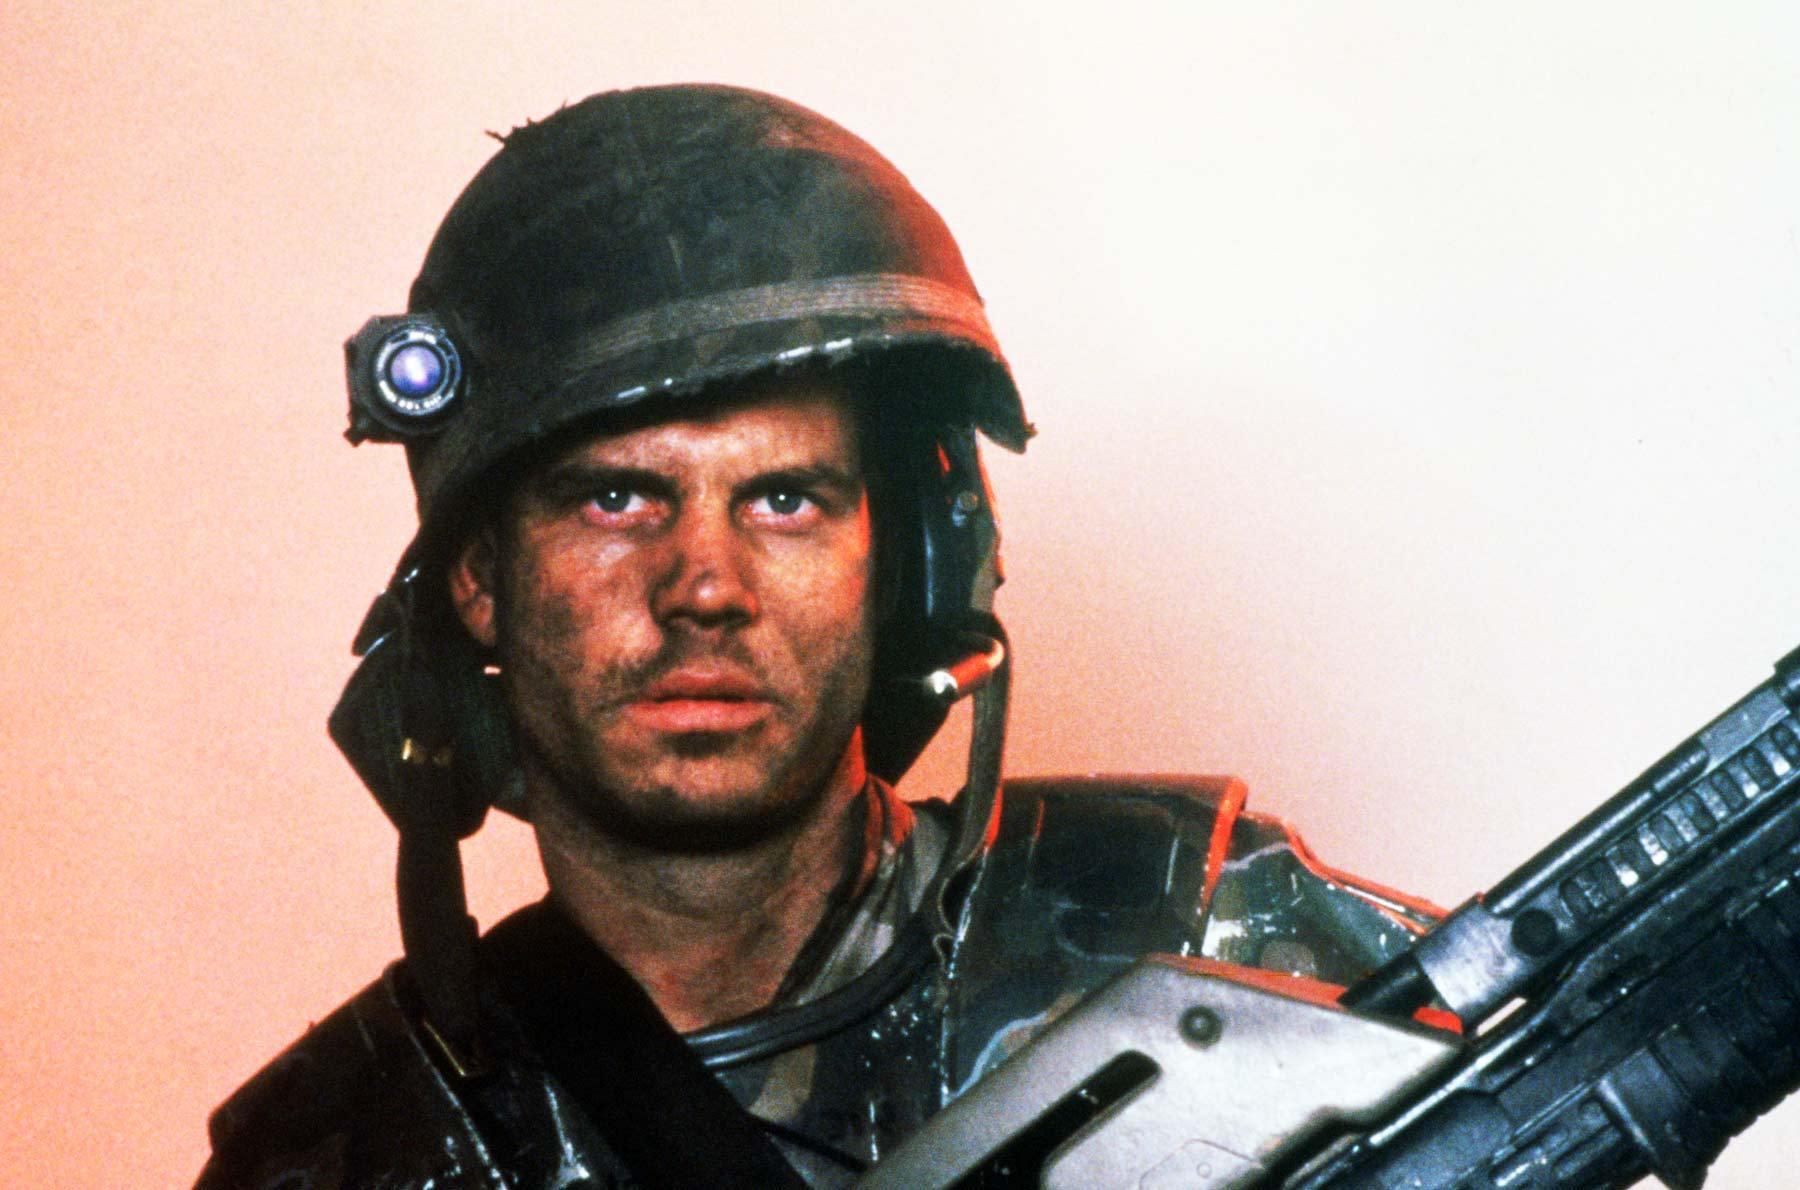 Elhunyt Bill Paxton, az Aliens és a Terminátor sztárja